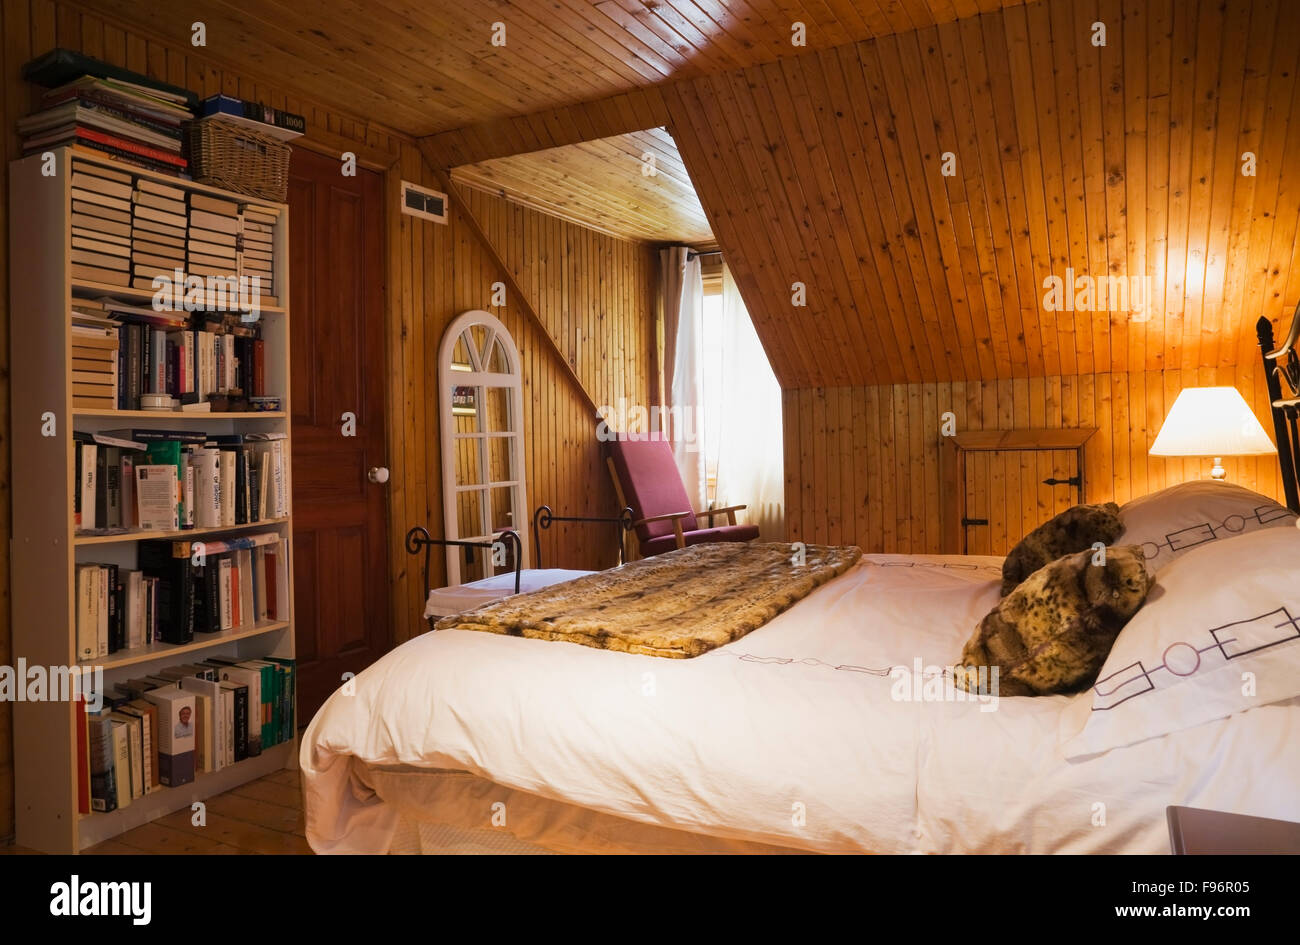 Camera Per Ospiti : Fantastiche idee per la decorazione delle camere degli ospiti